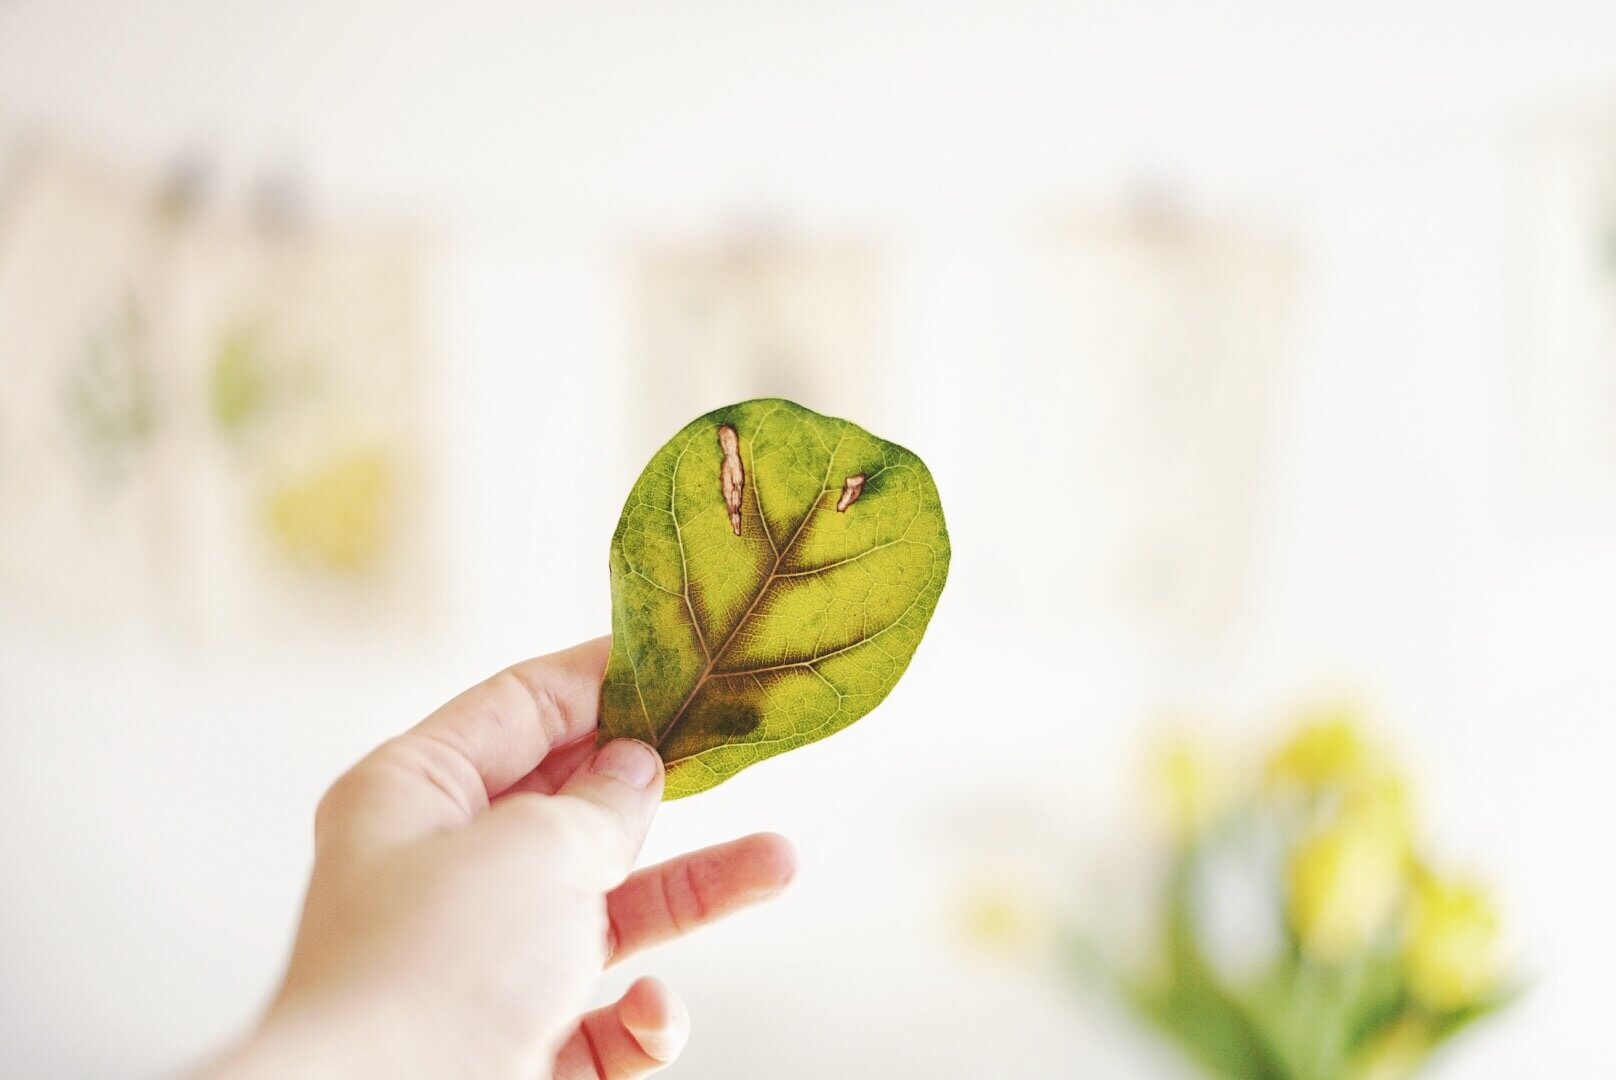 Gula blad fikus